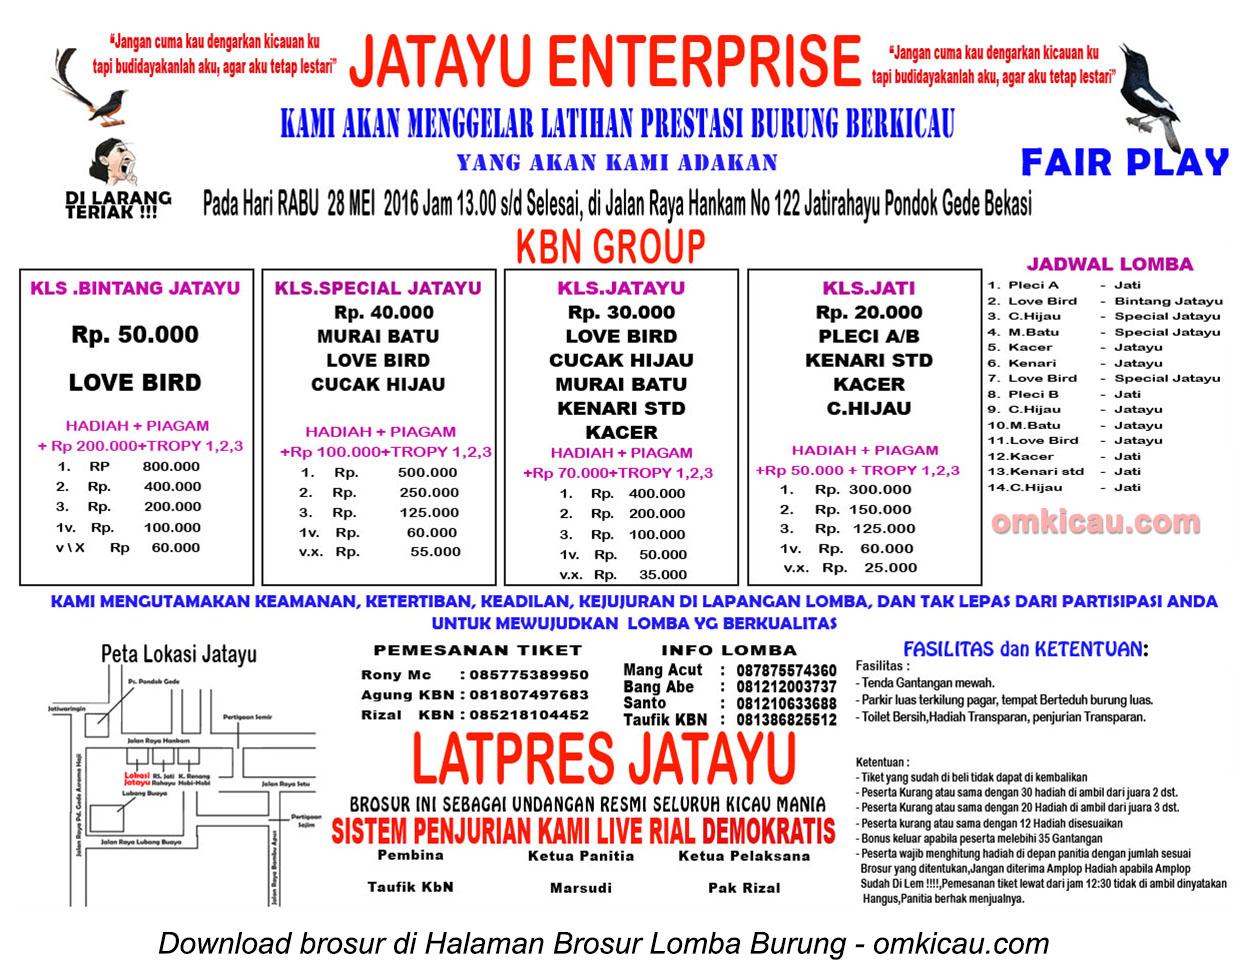 Brosur Latpres Burung Berkicau Jatayu Enterprise, Bekasi, 28 Mei 2016